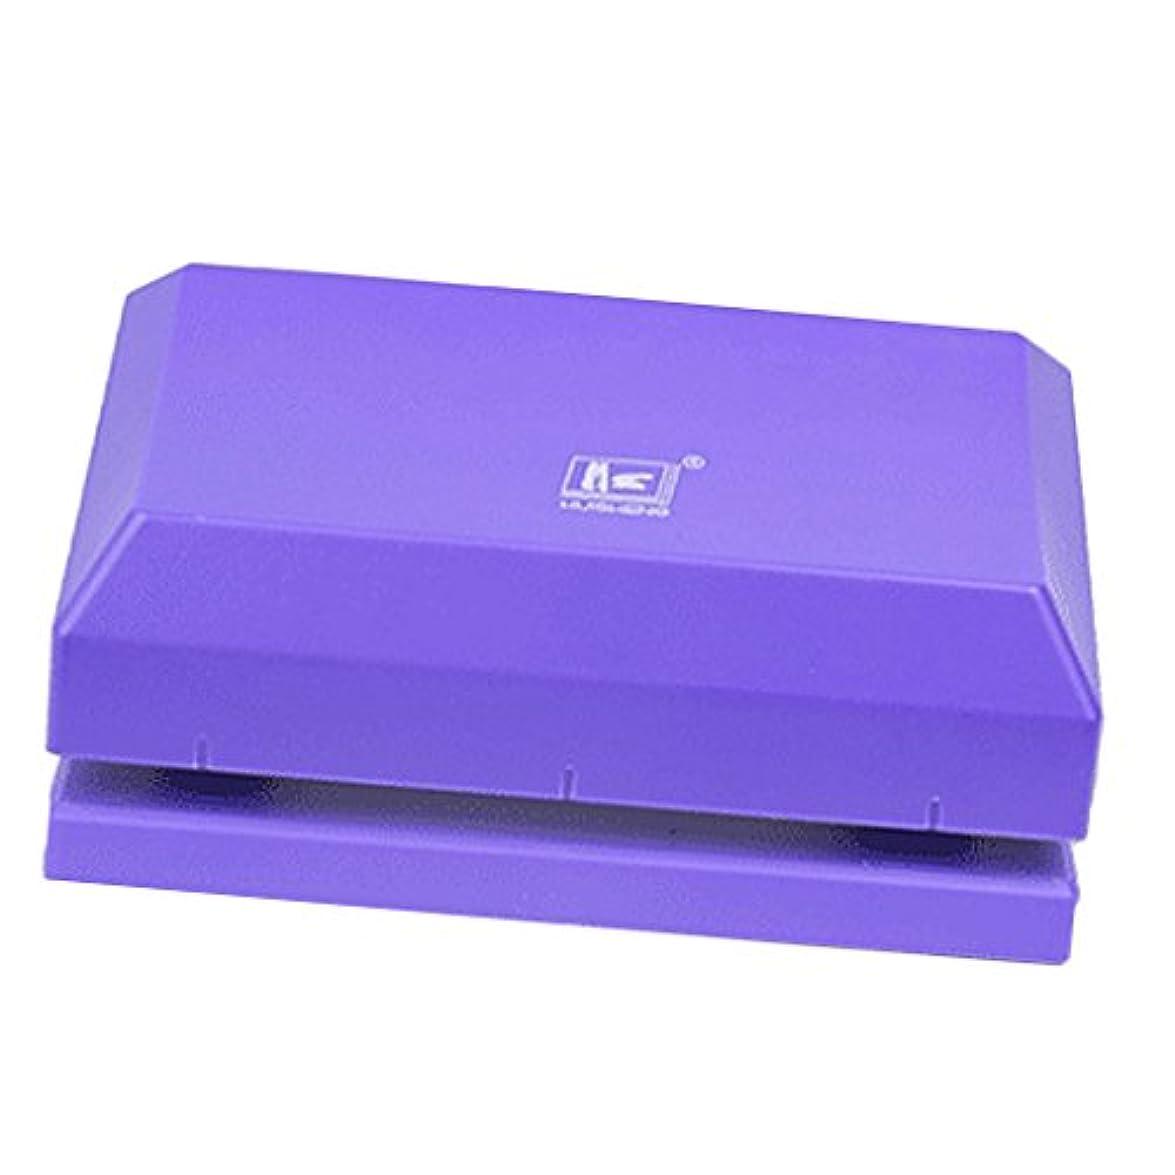 限りなくプレビュー物理的にPerfk 2穴あけ パンチ 紙クラフト 手動  穴あけ機 穿孔用 1?12枚容量 全2色  - 紫